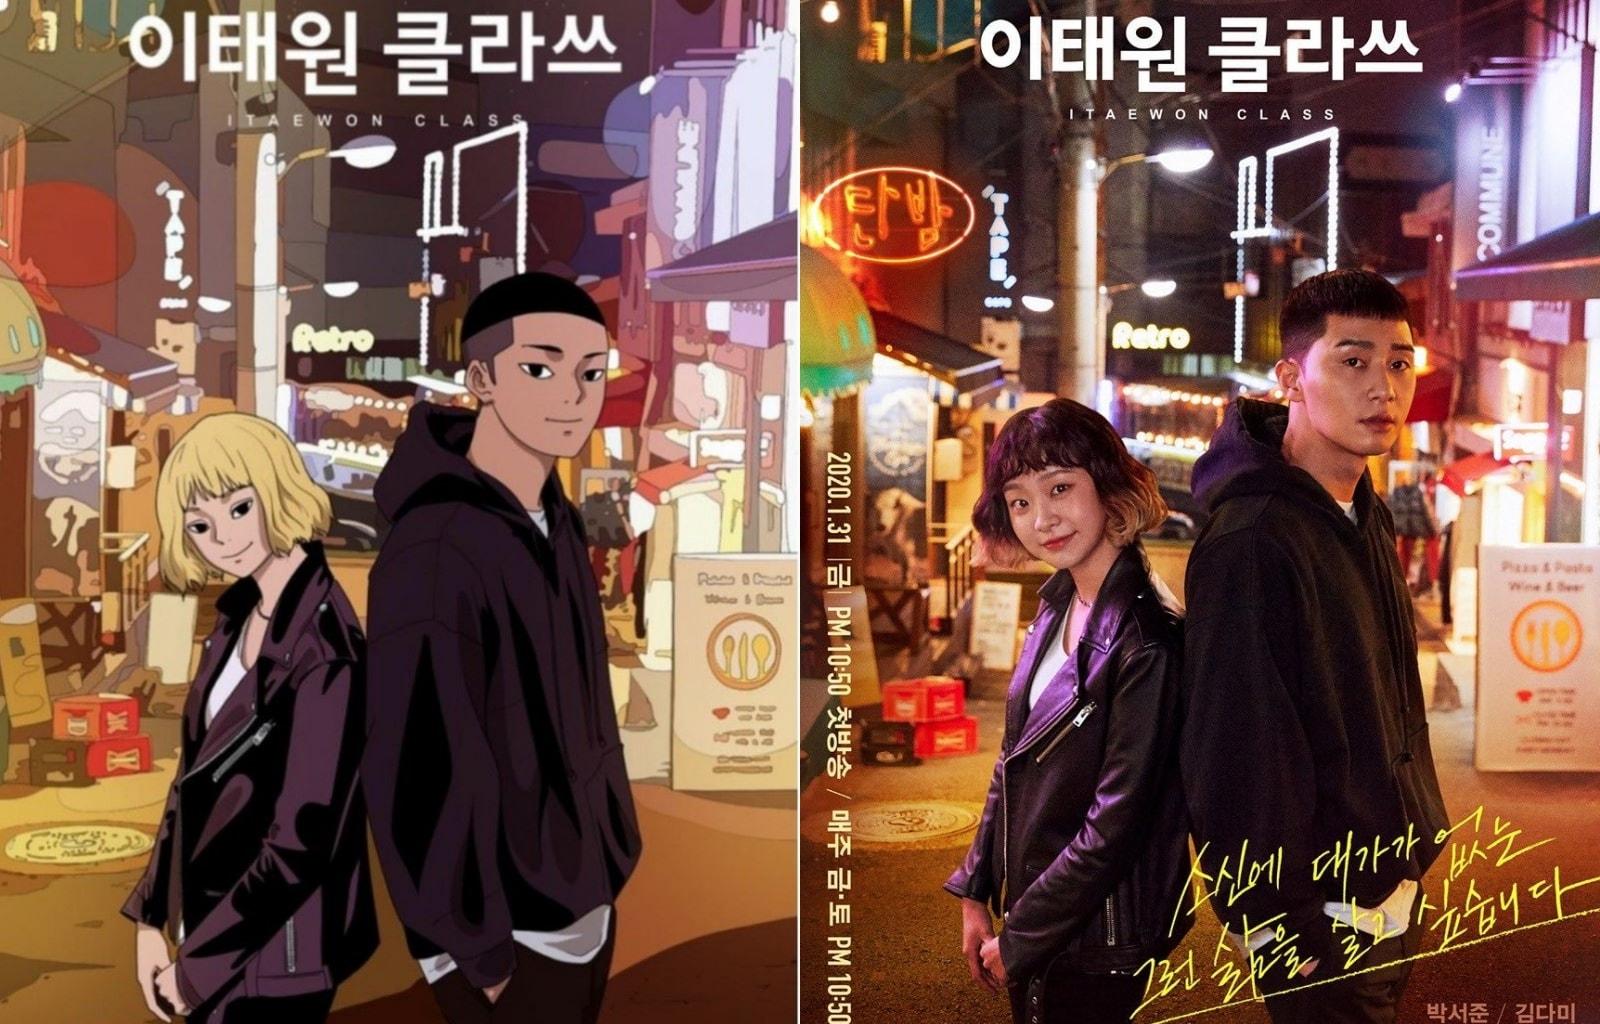 ห้ามพลาด! 13 ซีรี่ย์เกาหลีสร้างจากเว็บตูน ยอดนิยมในเกาหลี